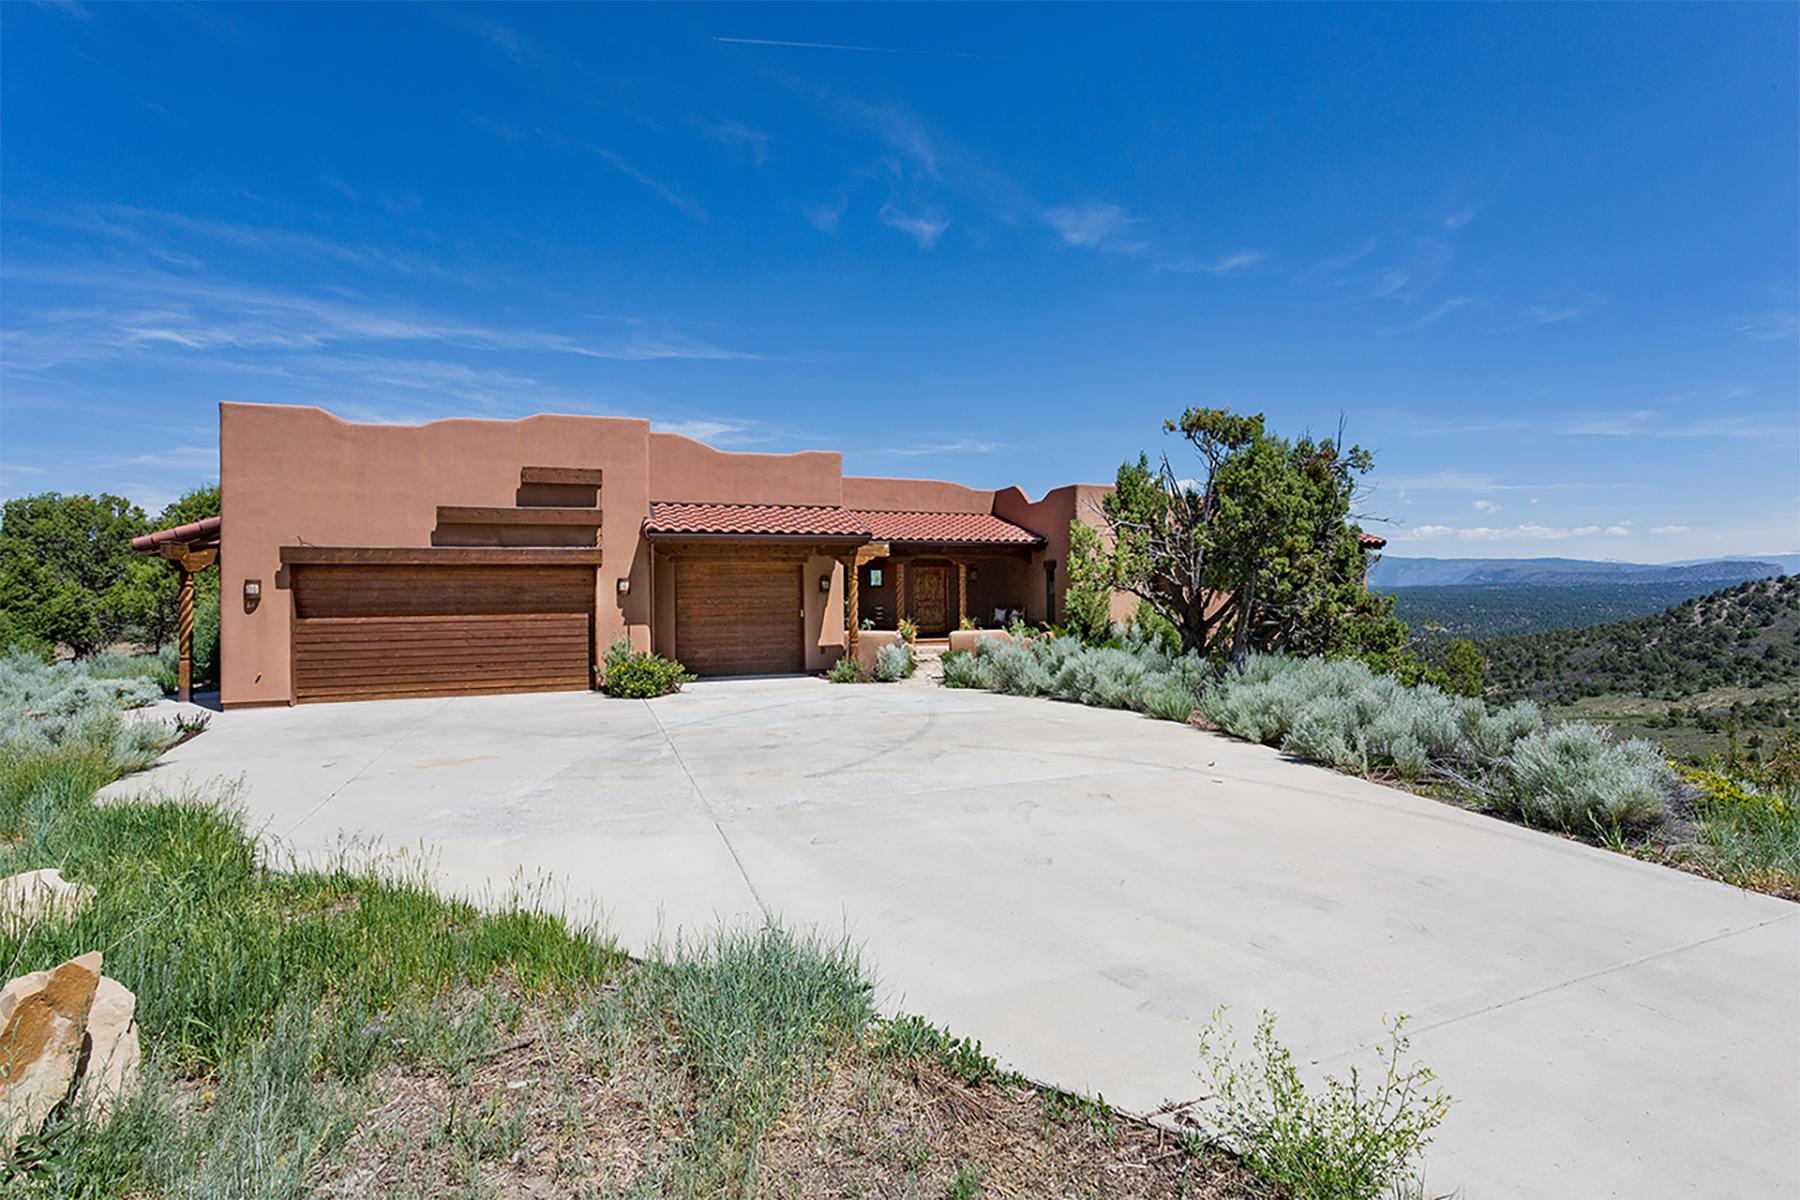 独户住宅 为 销售 在 1463 Thunderbird Road 1463 Thunderbird Road 杜兰戈, 科罗拉多州 81301 美国